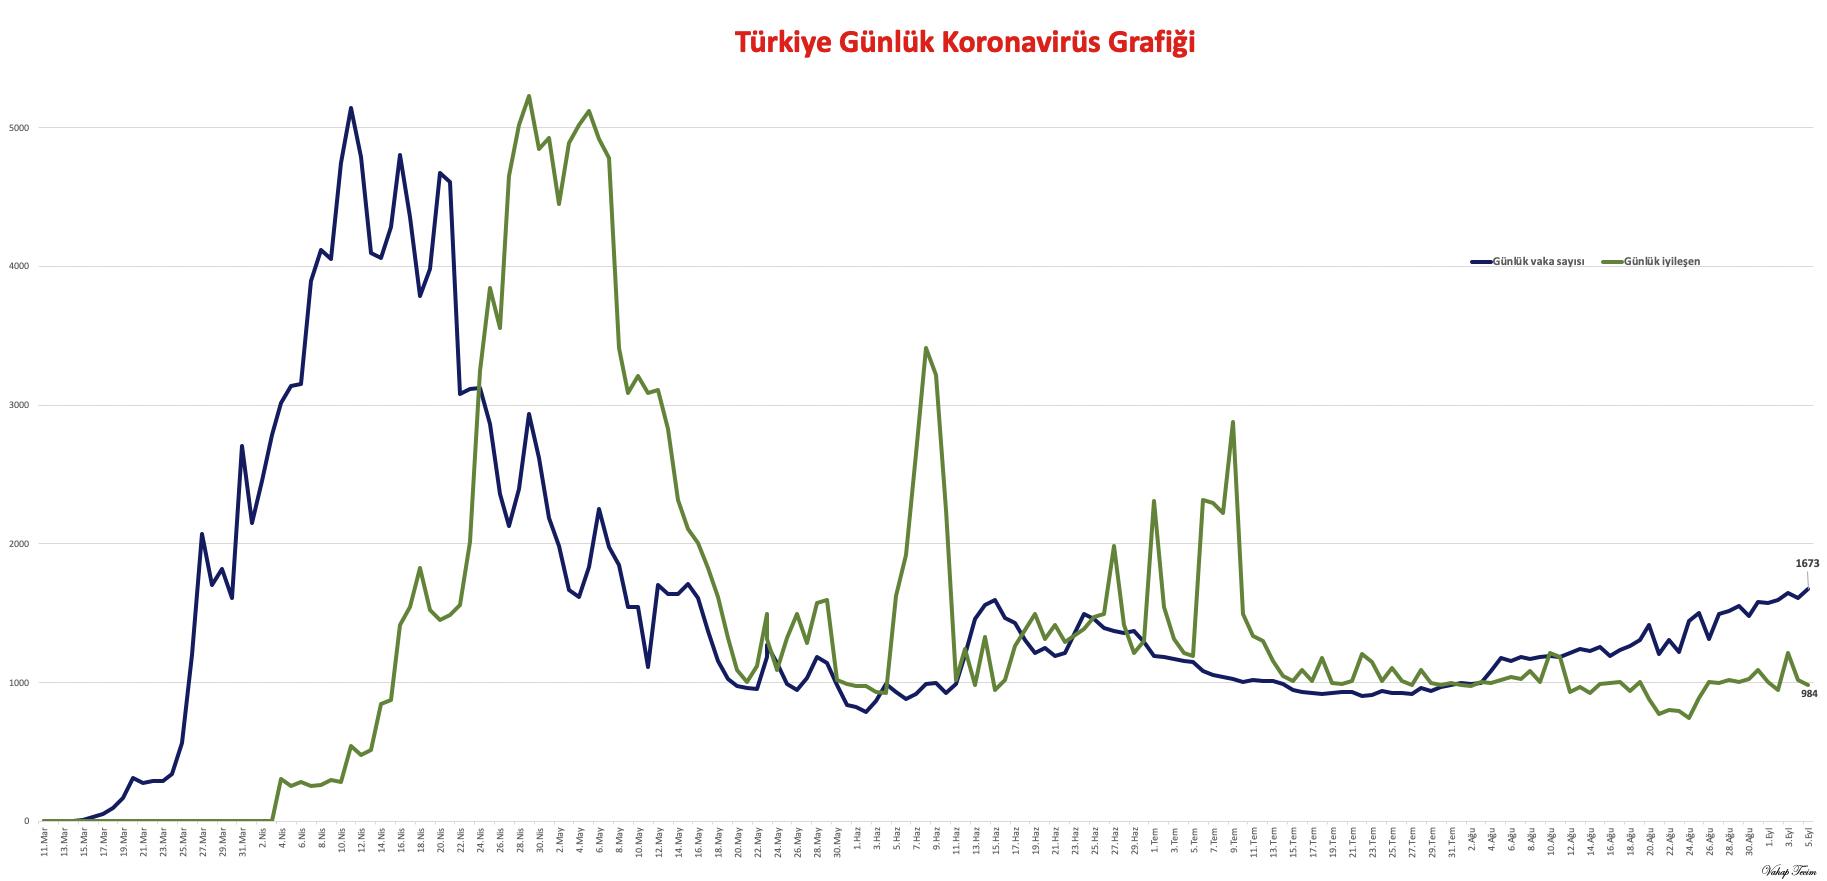 Günlük Korononavirüs Vaka Grafiği